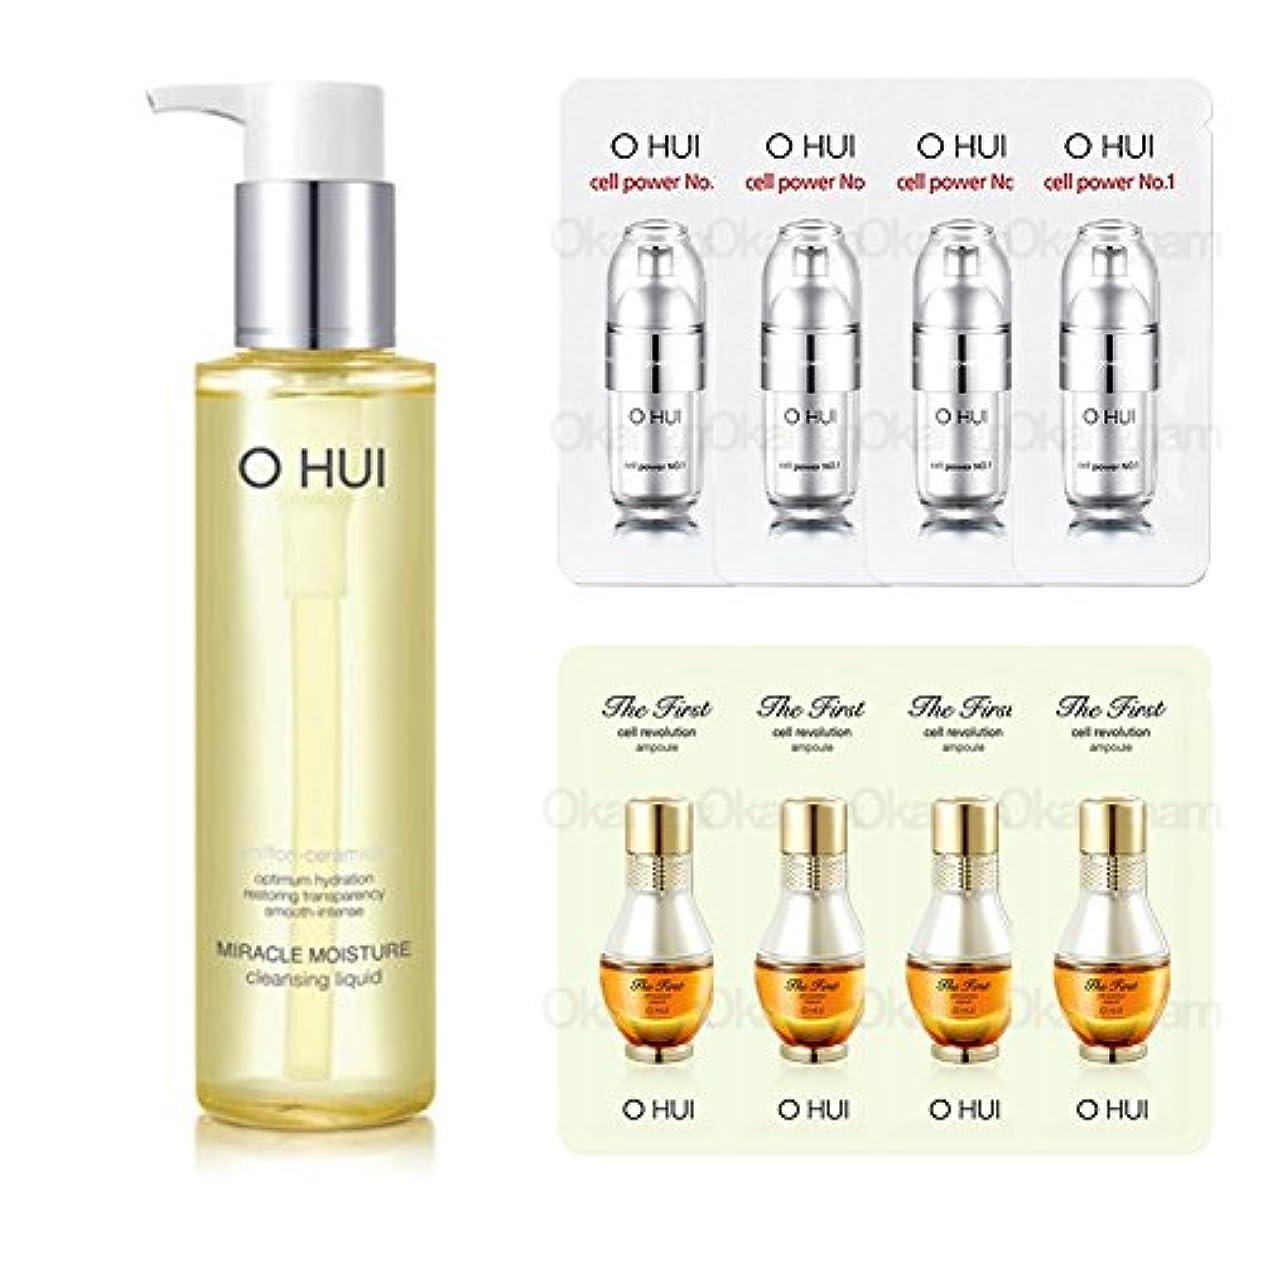 土曜日カカドゥ好むオフィ/ O HUI LG生活健康/OHUI Cleansing Oilミラクルモイスチャークレンジングリキッド150ml+ Sample Gift (海外直送品)